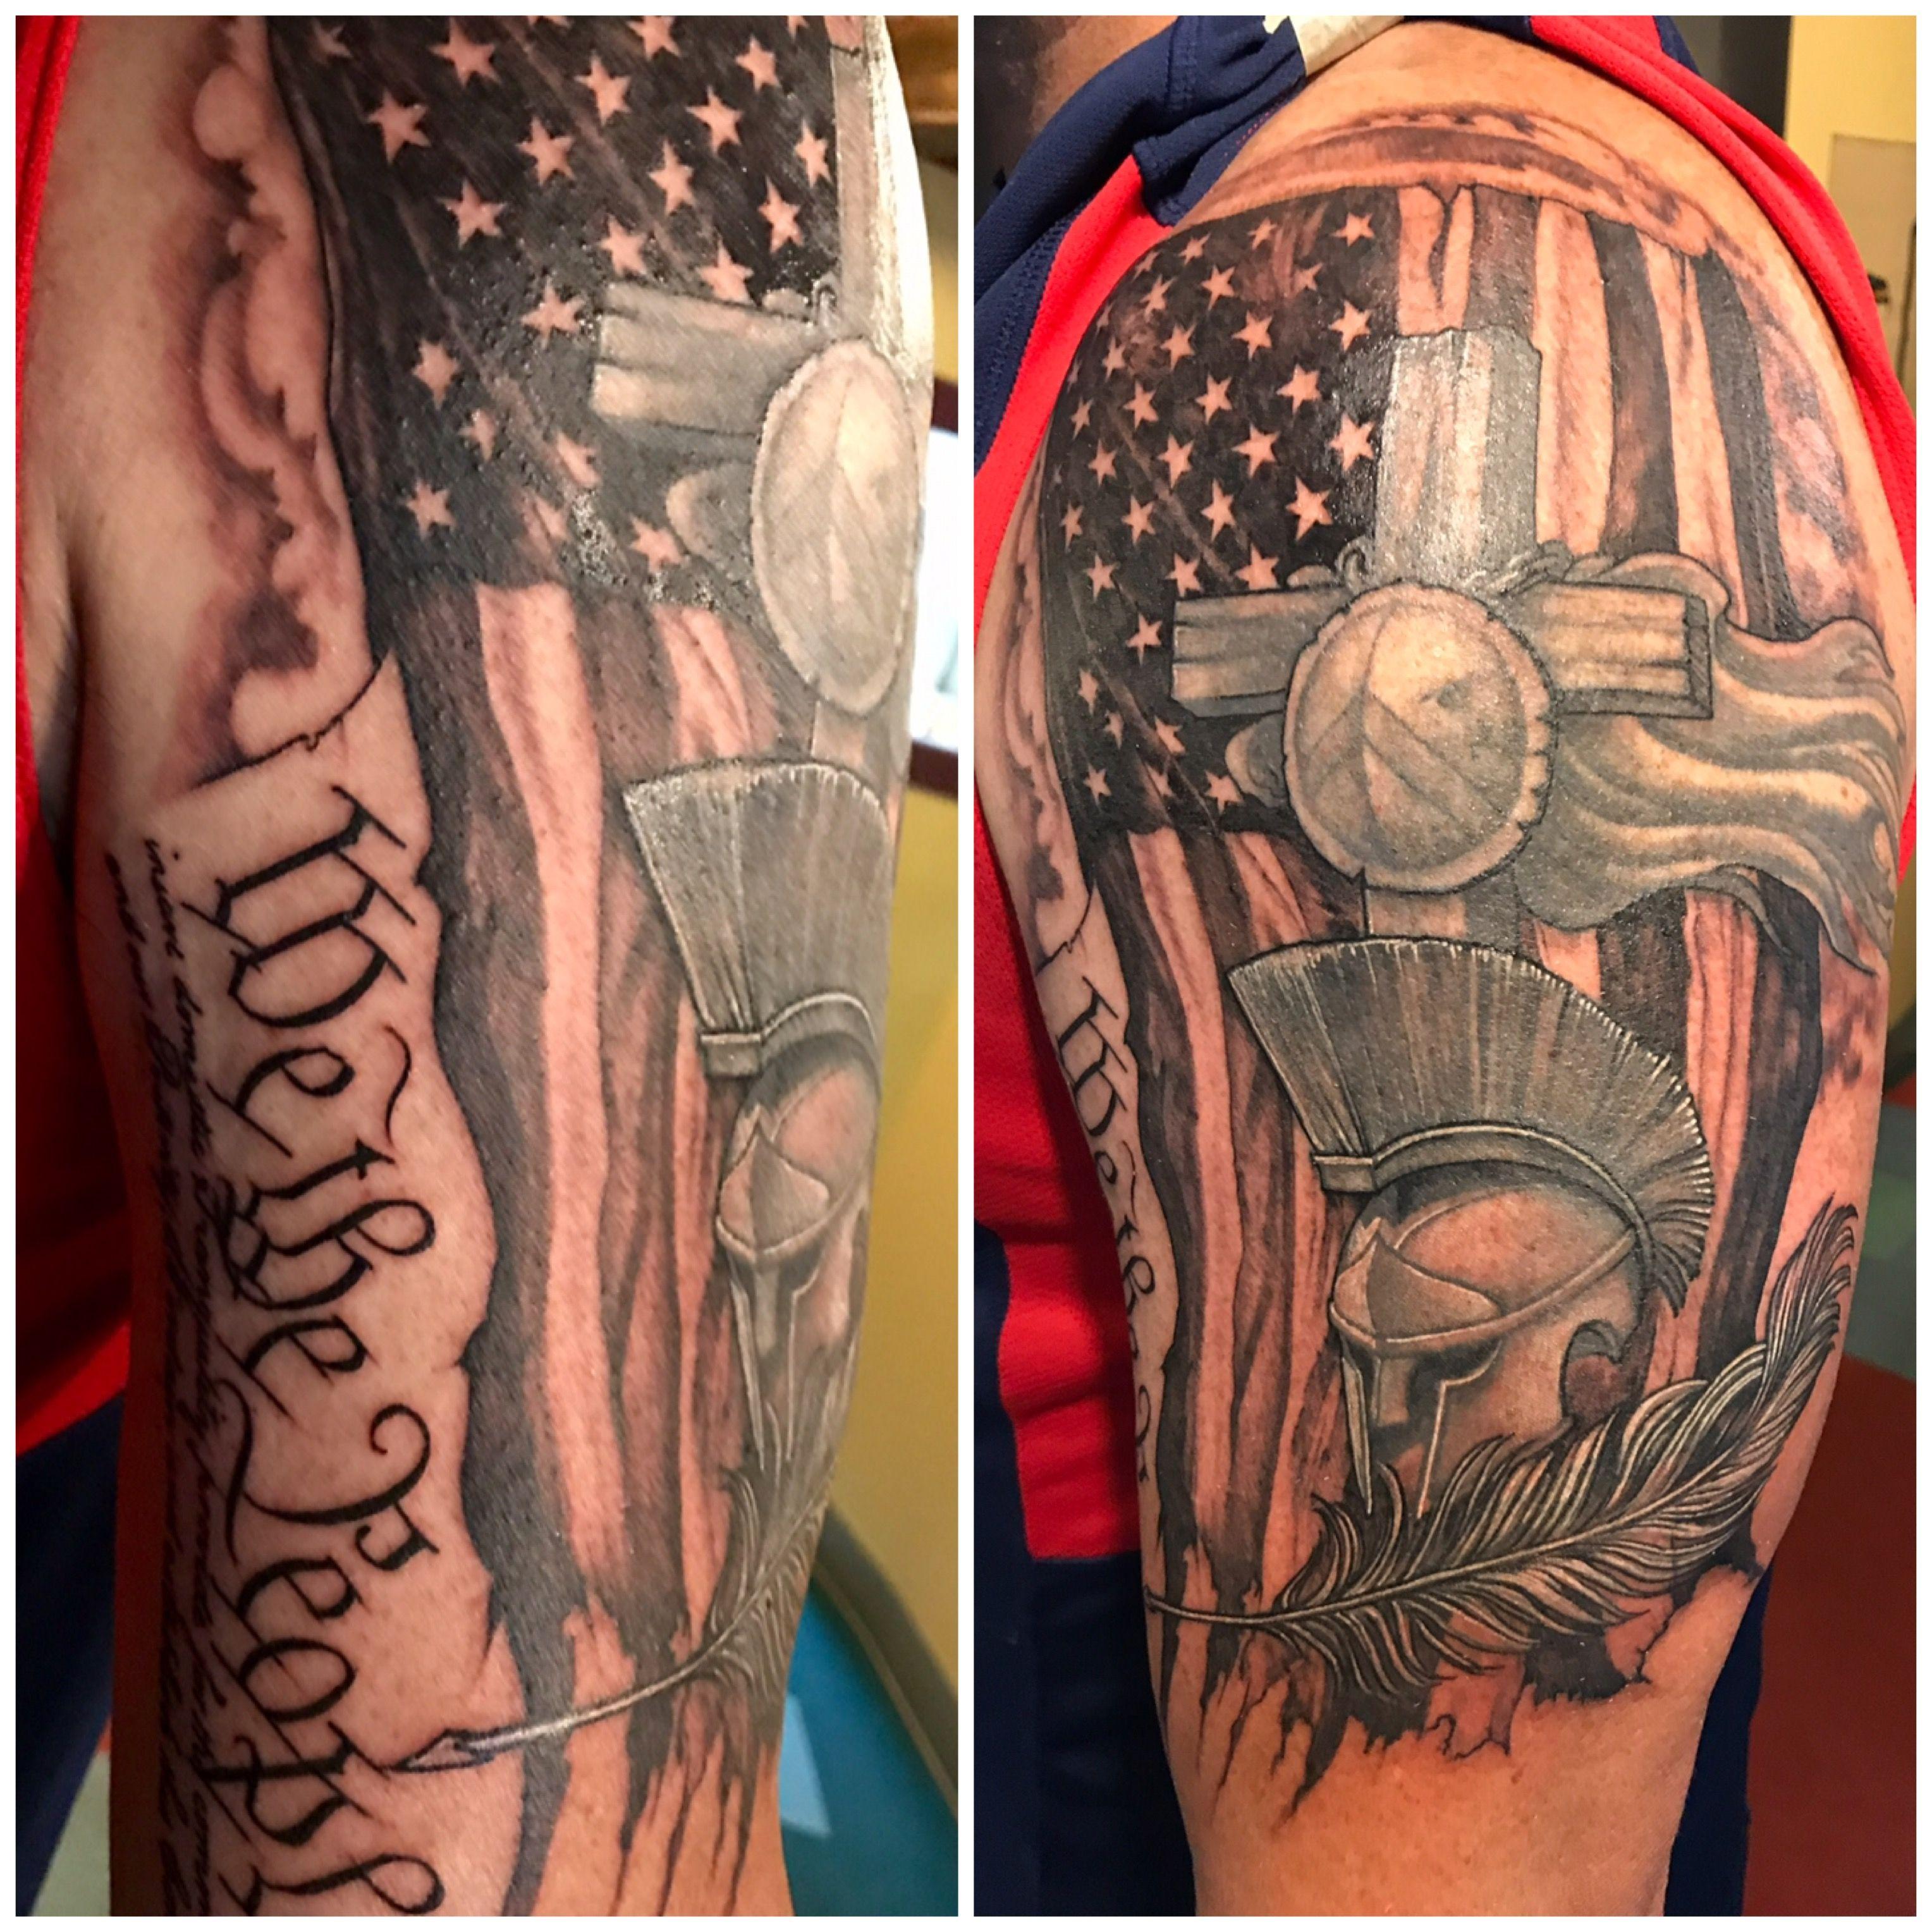 73773b2dda43c American Christian/Spartan/Patriot theme tattoo. | Tattoos | Tattoos ...